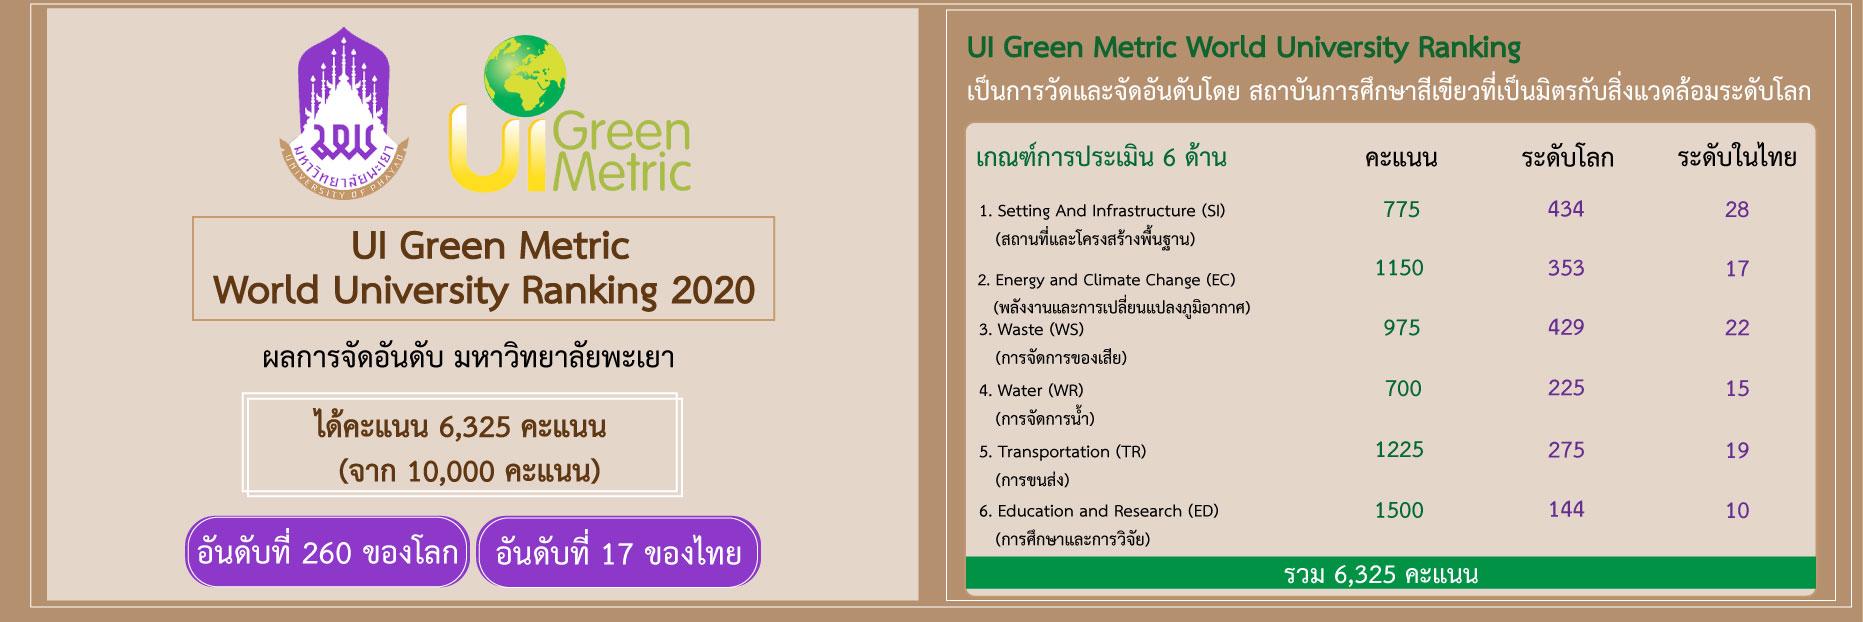 การจัดอันดับมหาวิทยาลัยสีเขียวโลก UI Green Metric World University Ranking 2020